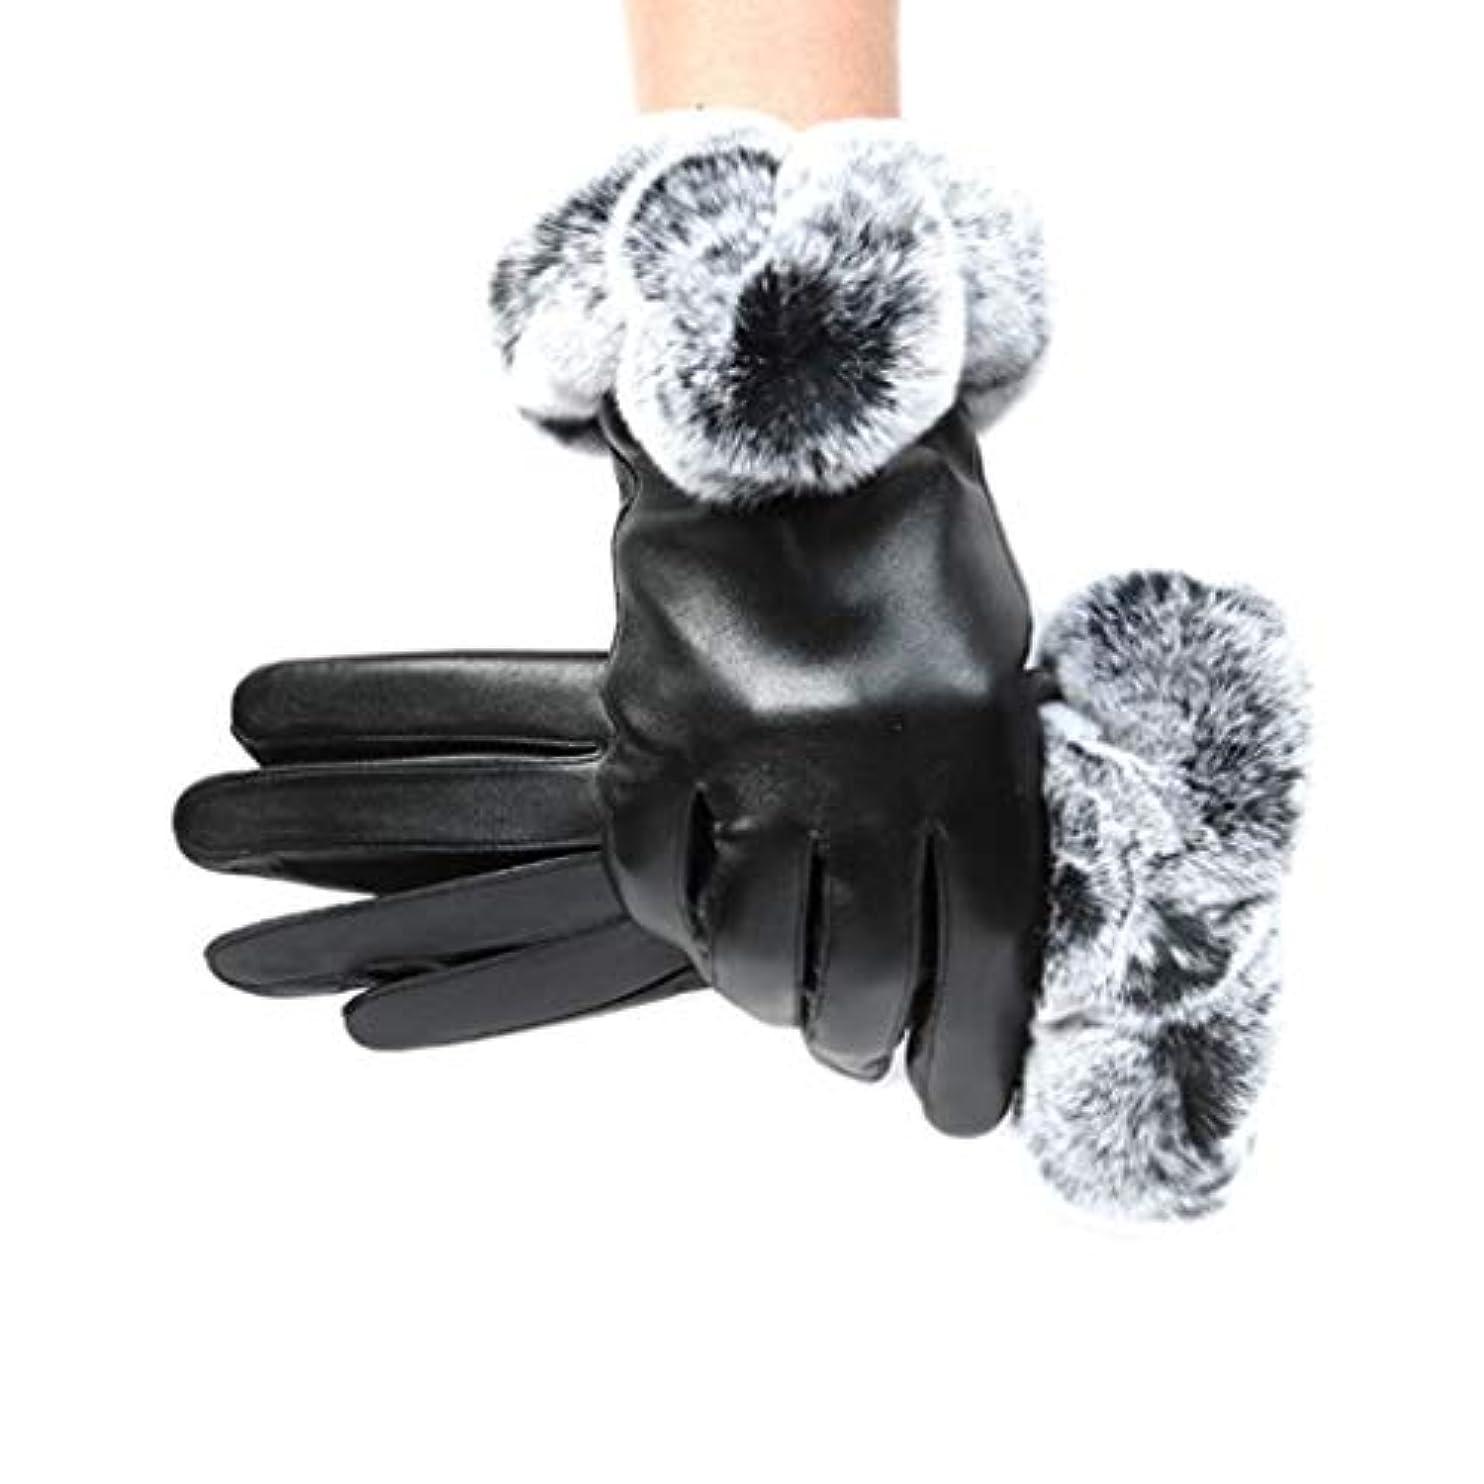 春ファシズム親密なレザーグローブ冬の暖かい手袋レディースアウトドアライディンググローブ防風コールドプラスベルベットのタッチスクリーングローブ女性モデル